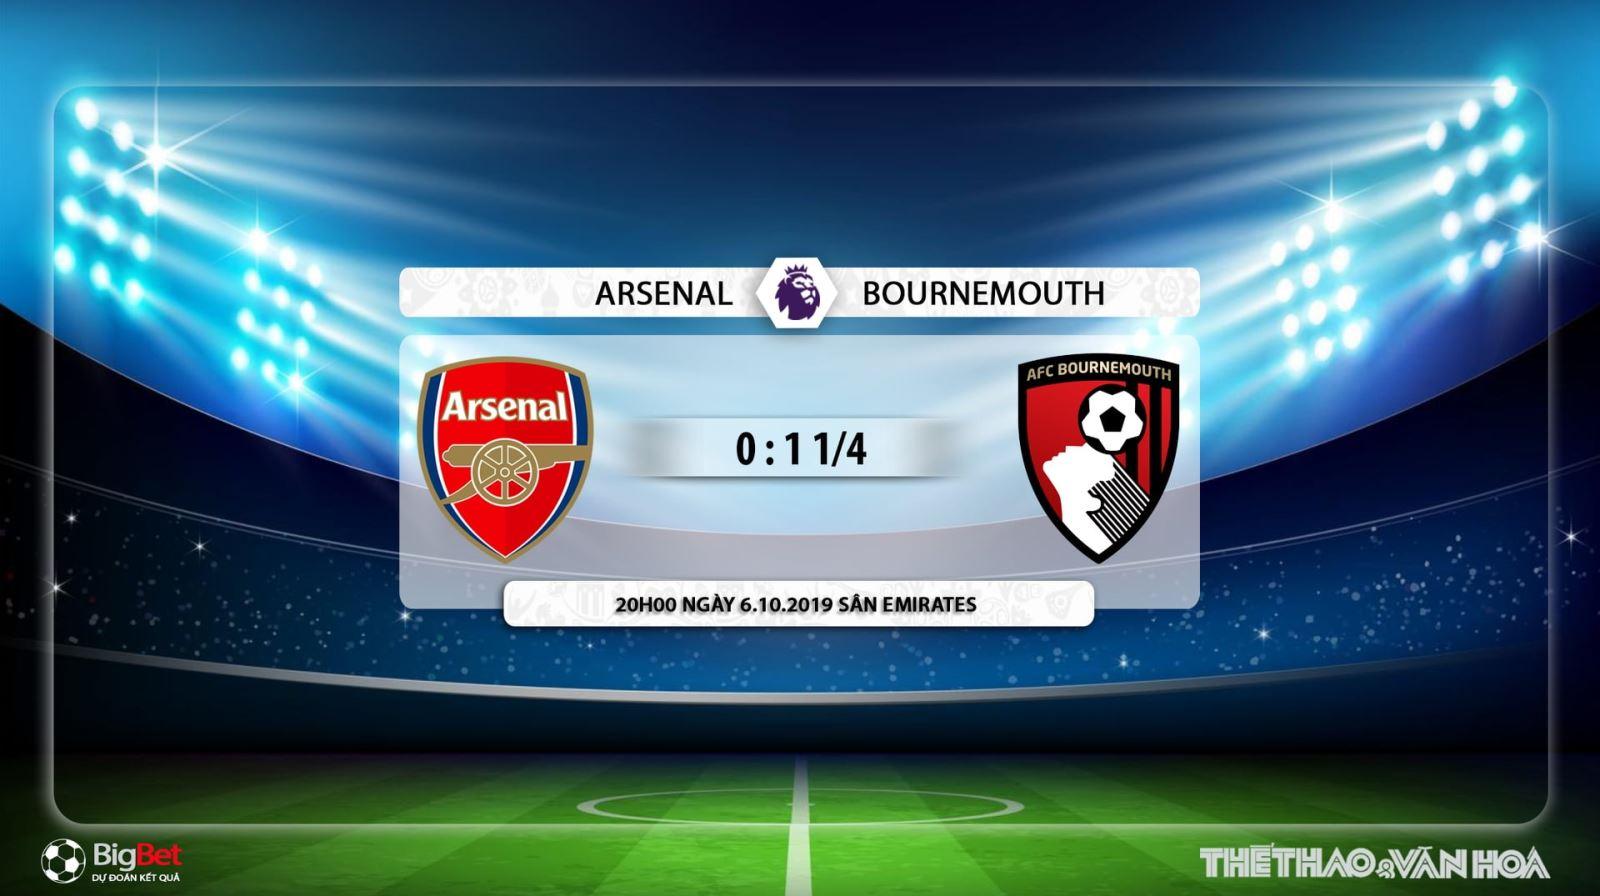 soi kèo bóng đá, Arsenal đấu với Bournemouth, truc tiep bong da hôm nay, Arsenal vs Bournemouth, trực tiếp bóng đá, K+, K+PM, K+PC, xem bóng đá trực tuyến, Arsenal